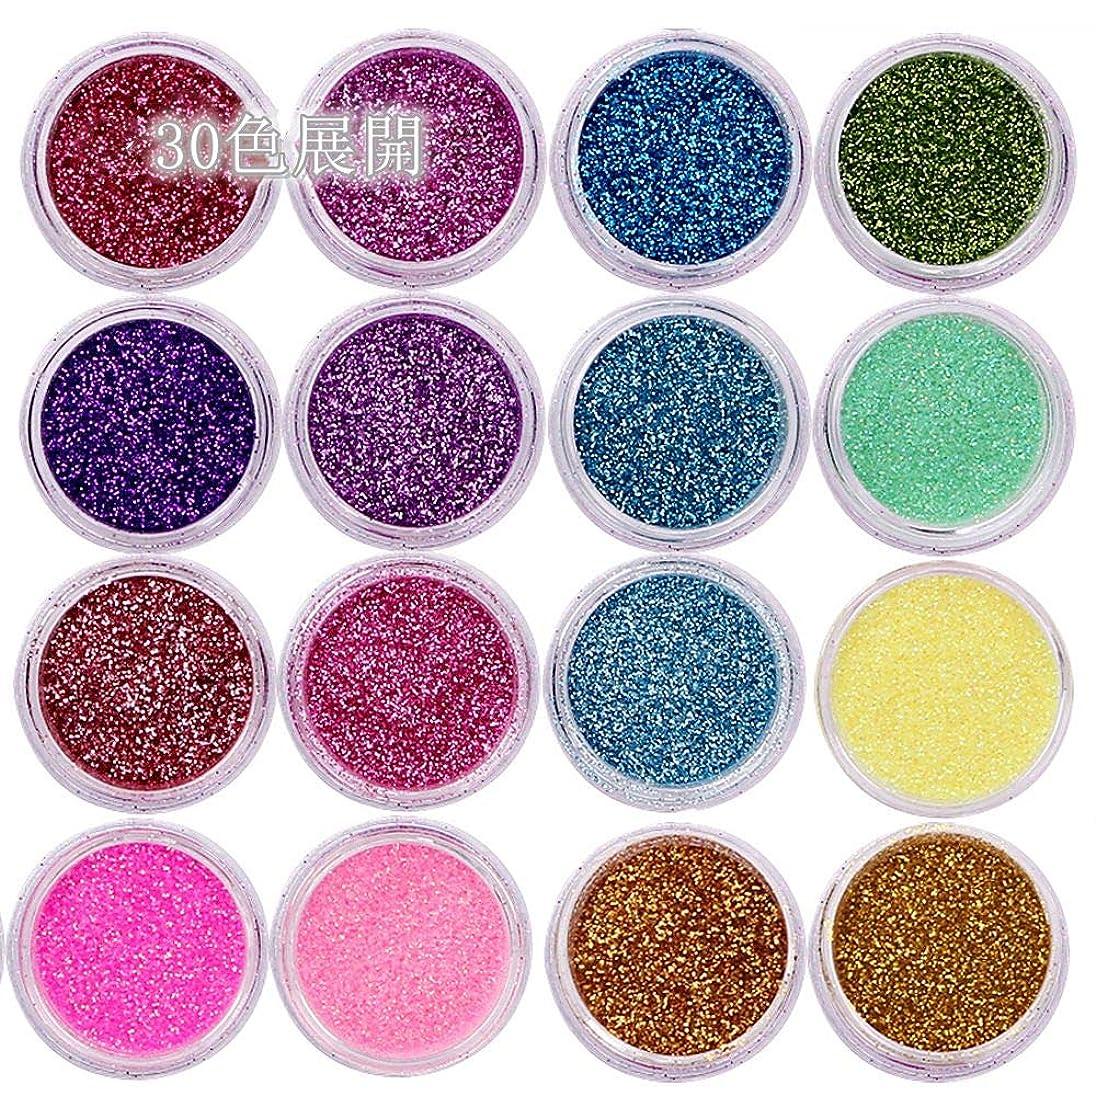 粒生命体独立した30個のネイルグラスの色の揃ったネイルアートファイングリッターズパウダーダストUVジェルポーランドアクリルネイルチップメイクアップツール